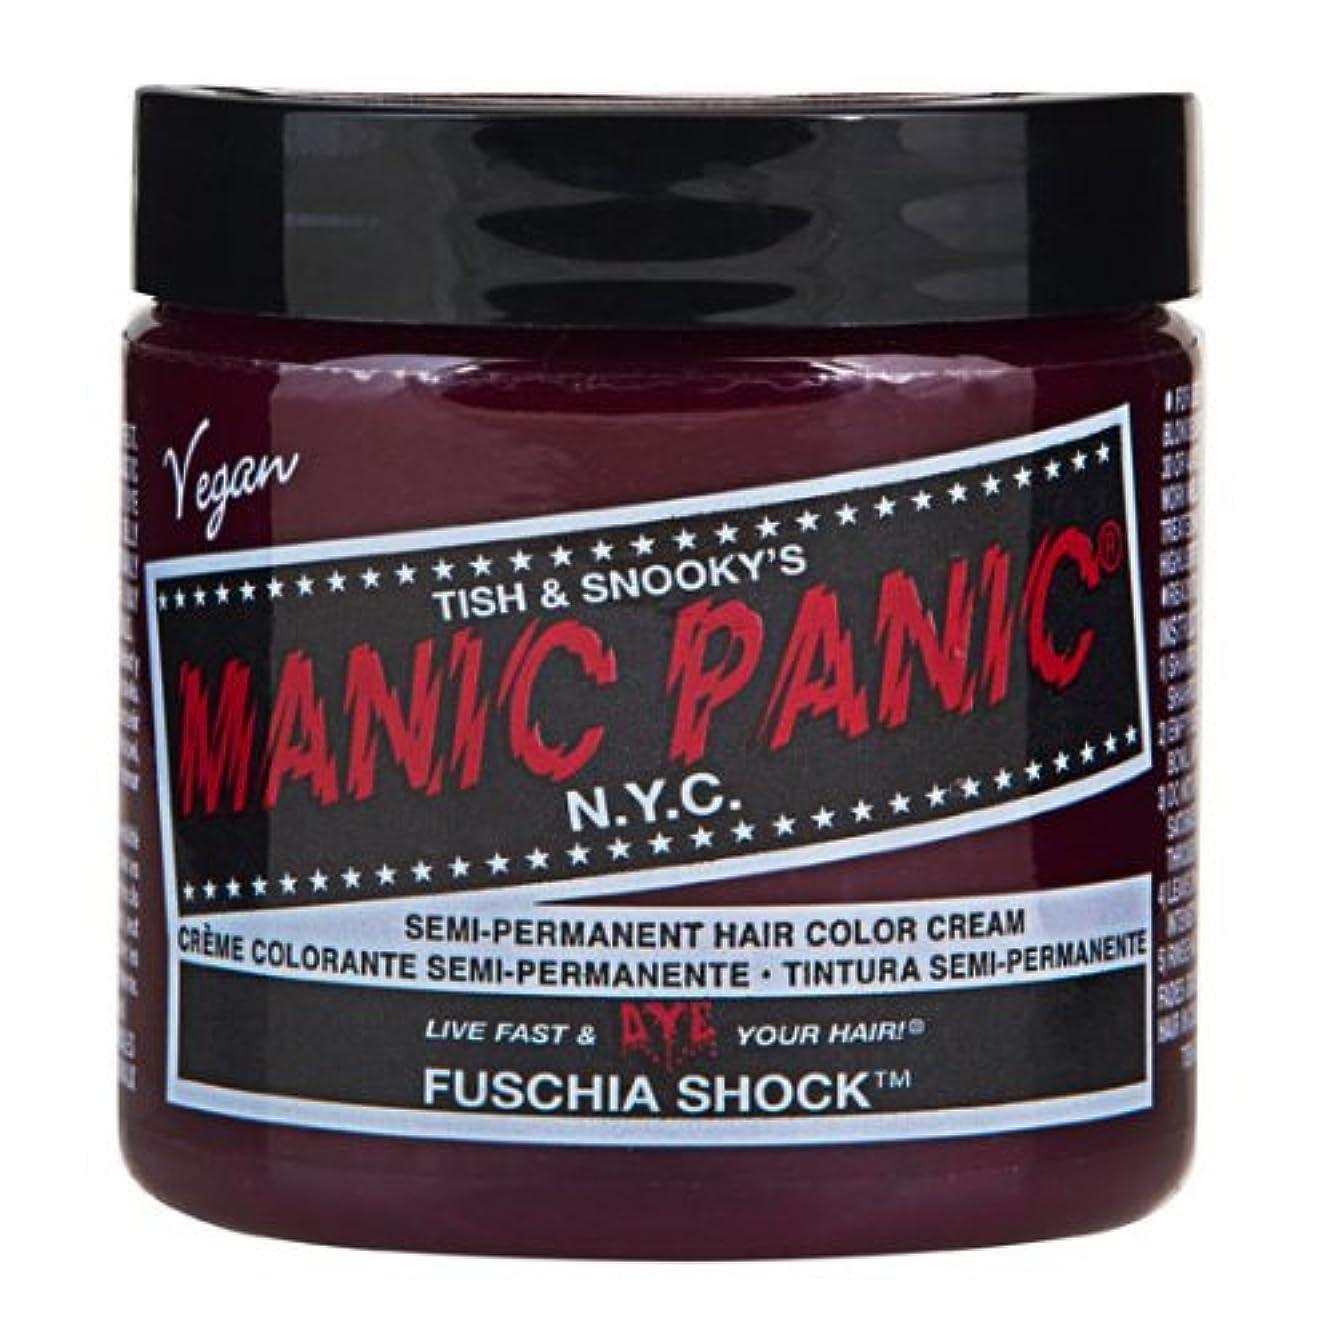 悔い改め練習消費マニックパニック MANIC PANIC ヘアカラー 118mlフューシャショック ヘアーカラー